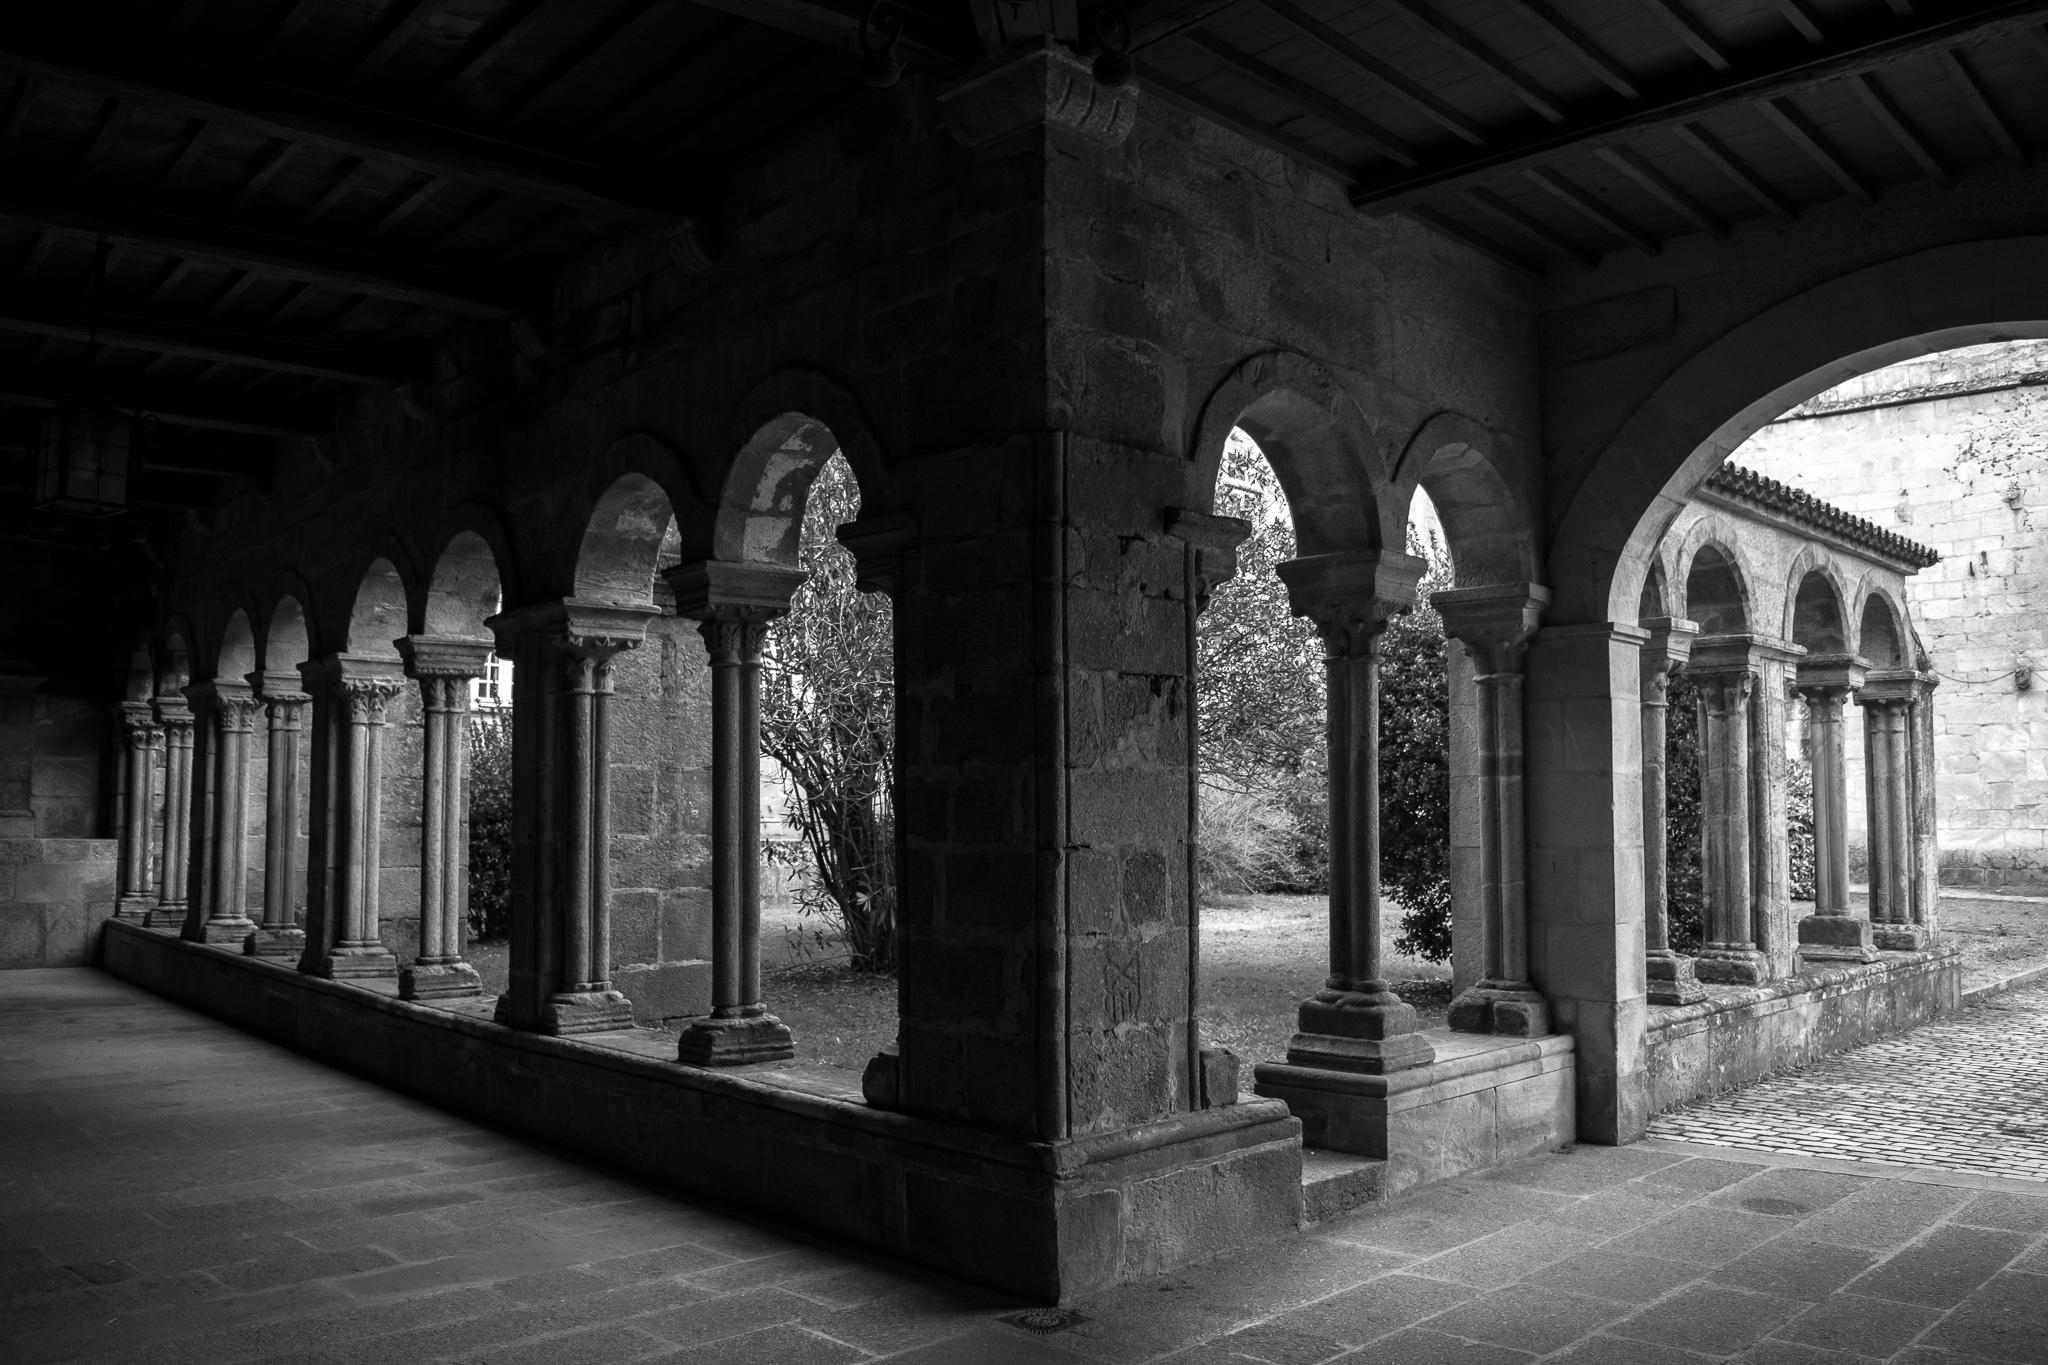 La iglesia del monasterio de Santa María de Conxo, actualmente Hospital Psiquiátrico Provincial, fue obra de González de Araújo, también autor de la iglesia de San Martín Pinario.  El claustro románico del monasterio (s.XII) conserva aún dos de sus alas, en las que se puede leer la inscripción fundacional de 1129.